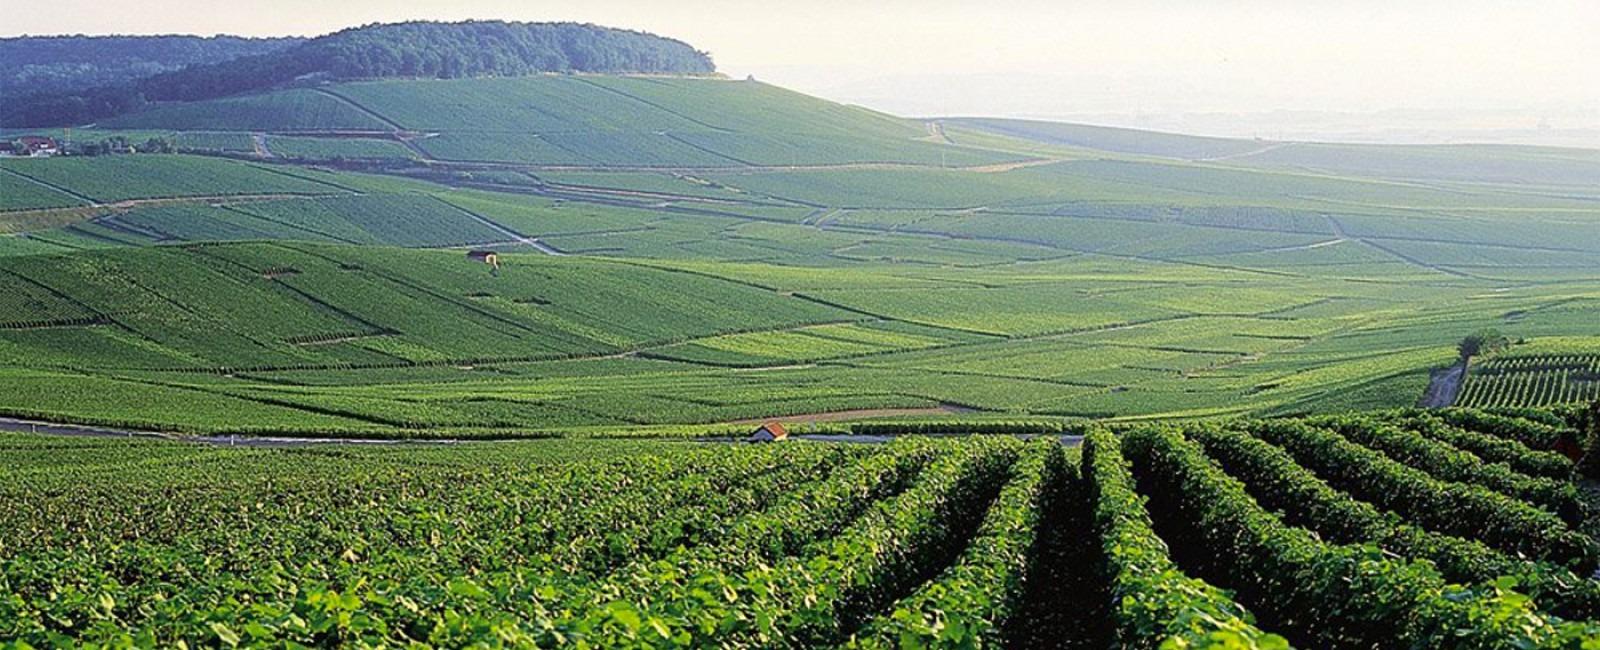 finest-vineyards